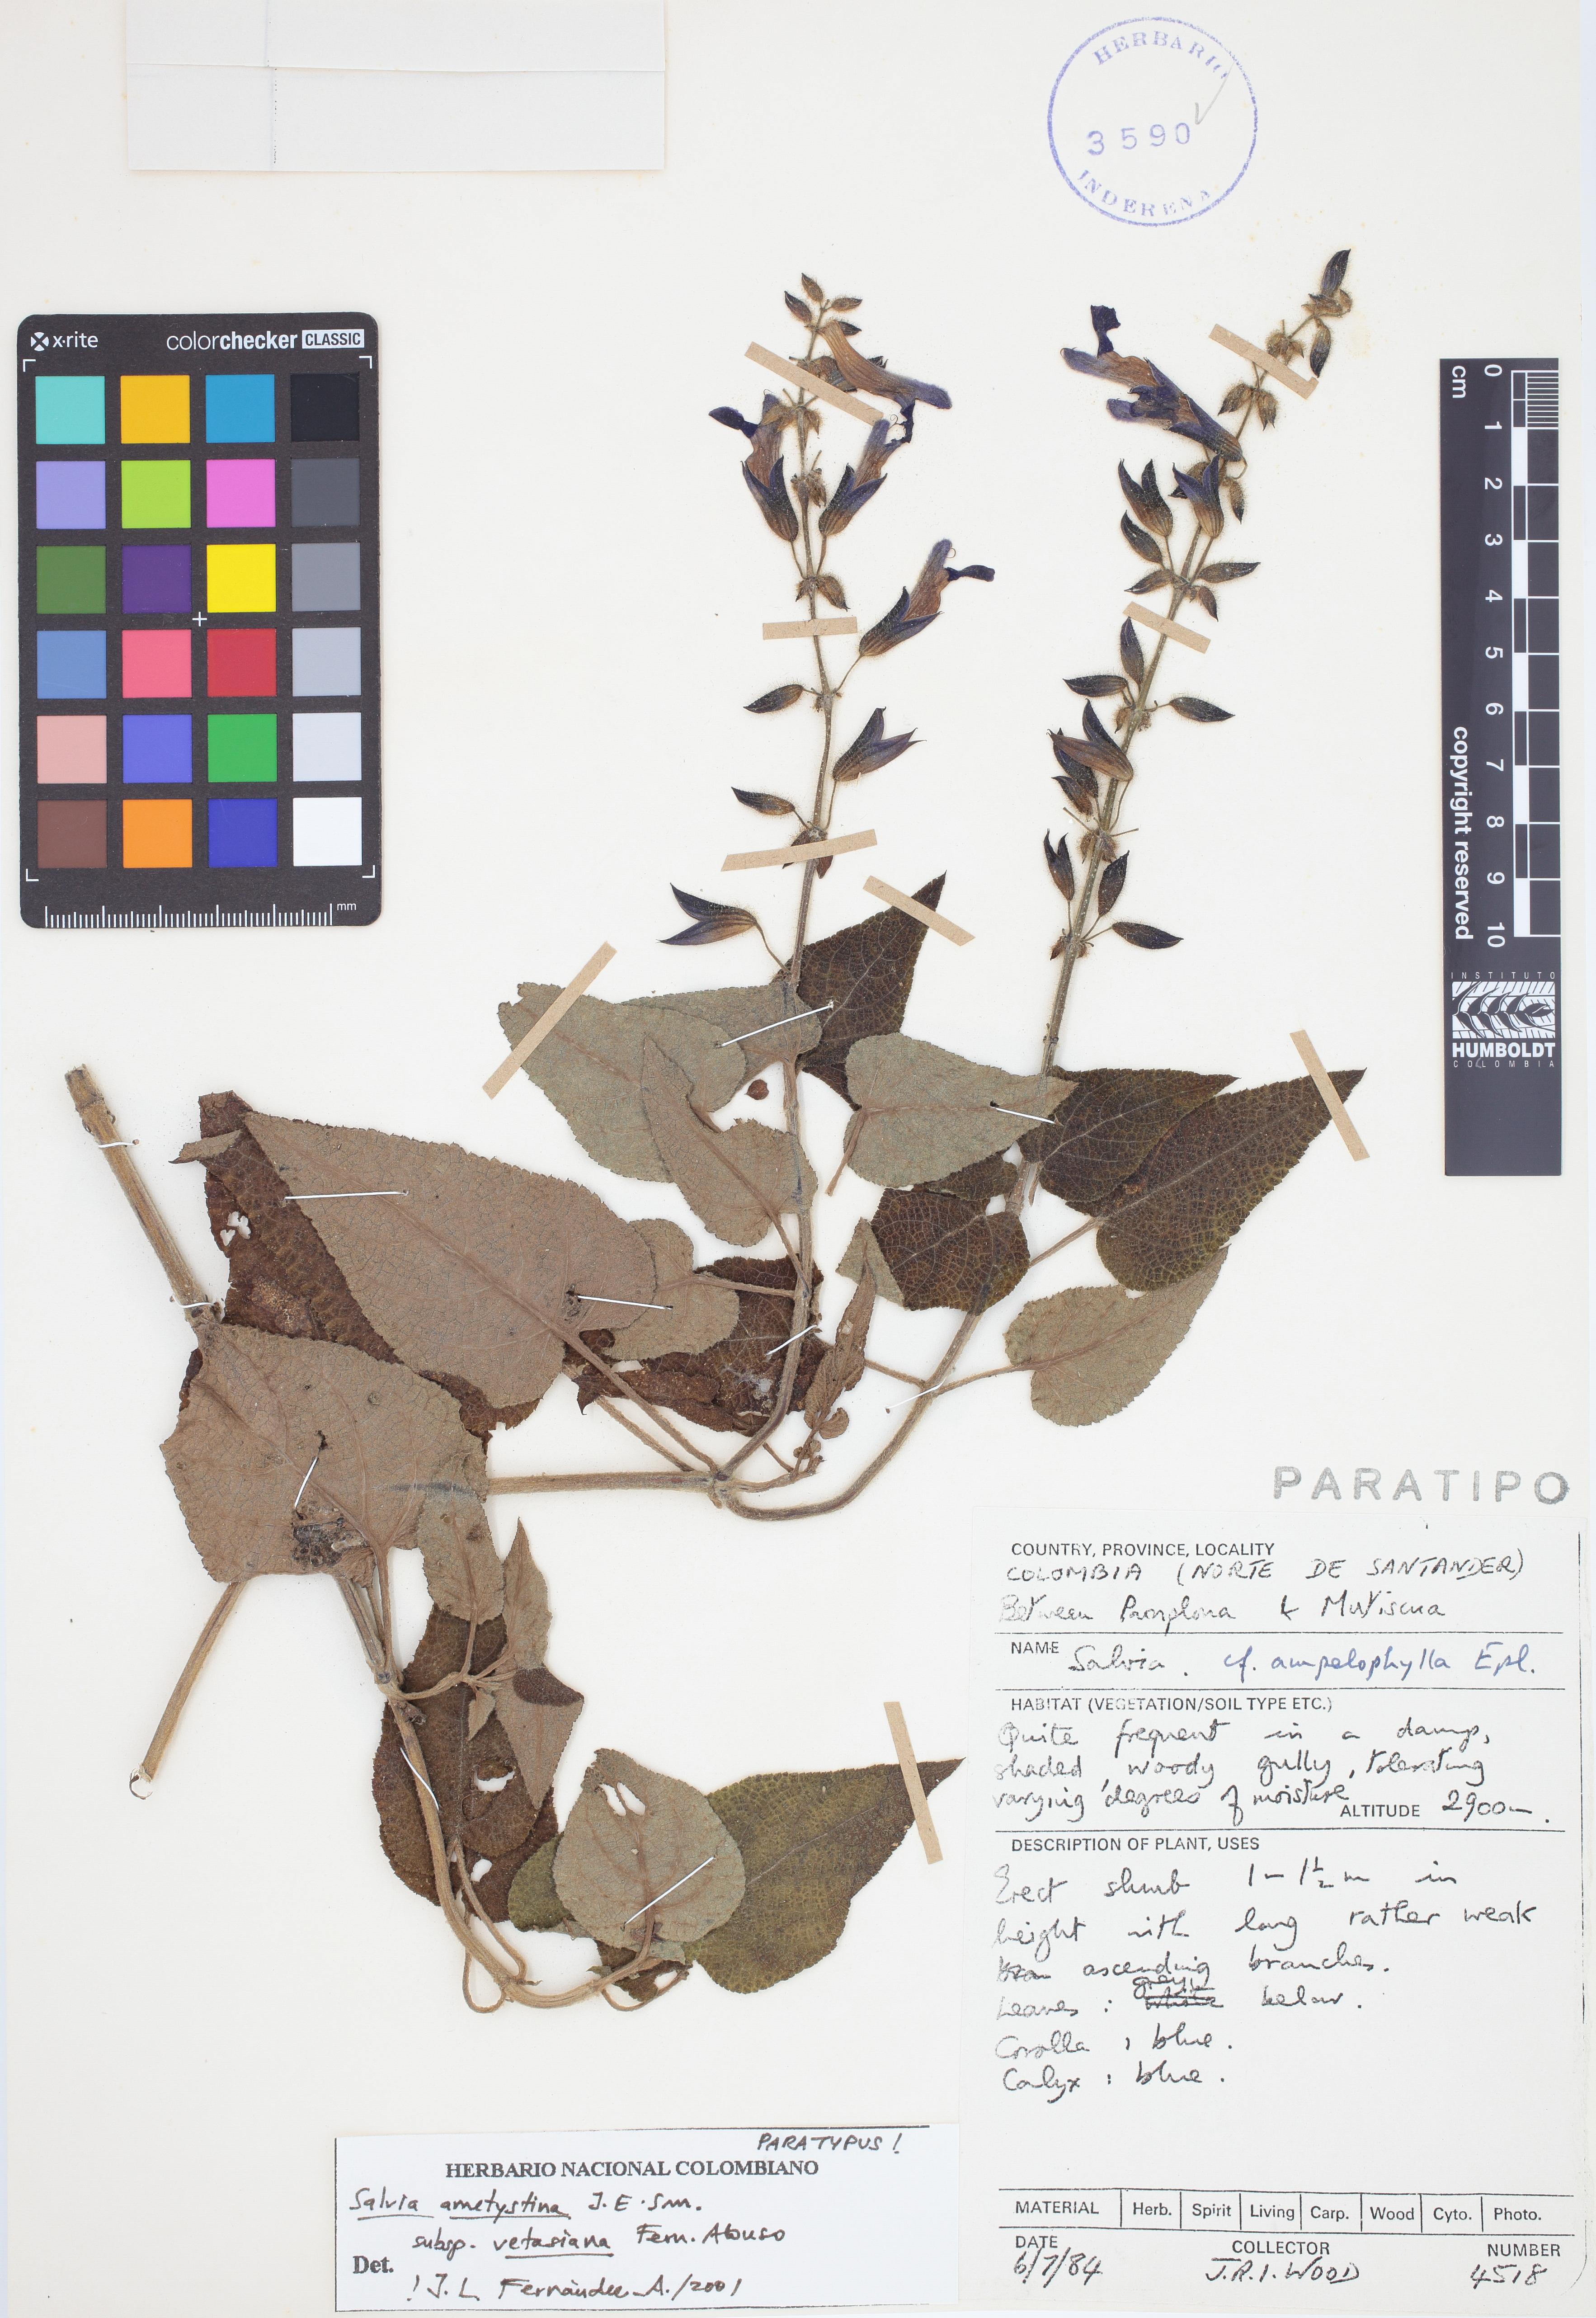 Paratipo de <em>Salvia amethystina</em> subsp. <em>vetasiana</em>, FMB-3590, Fotografía por Robles A.